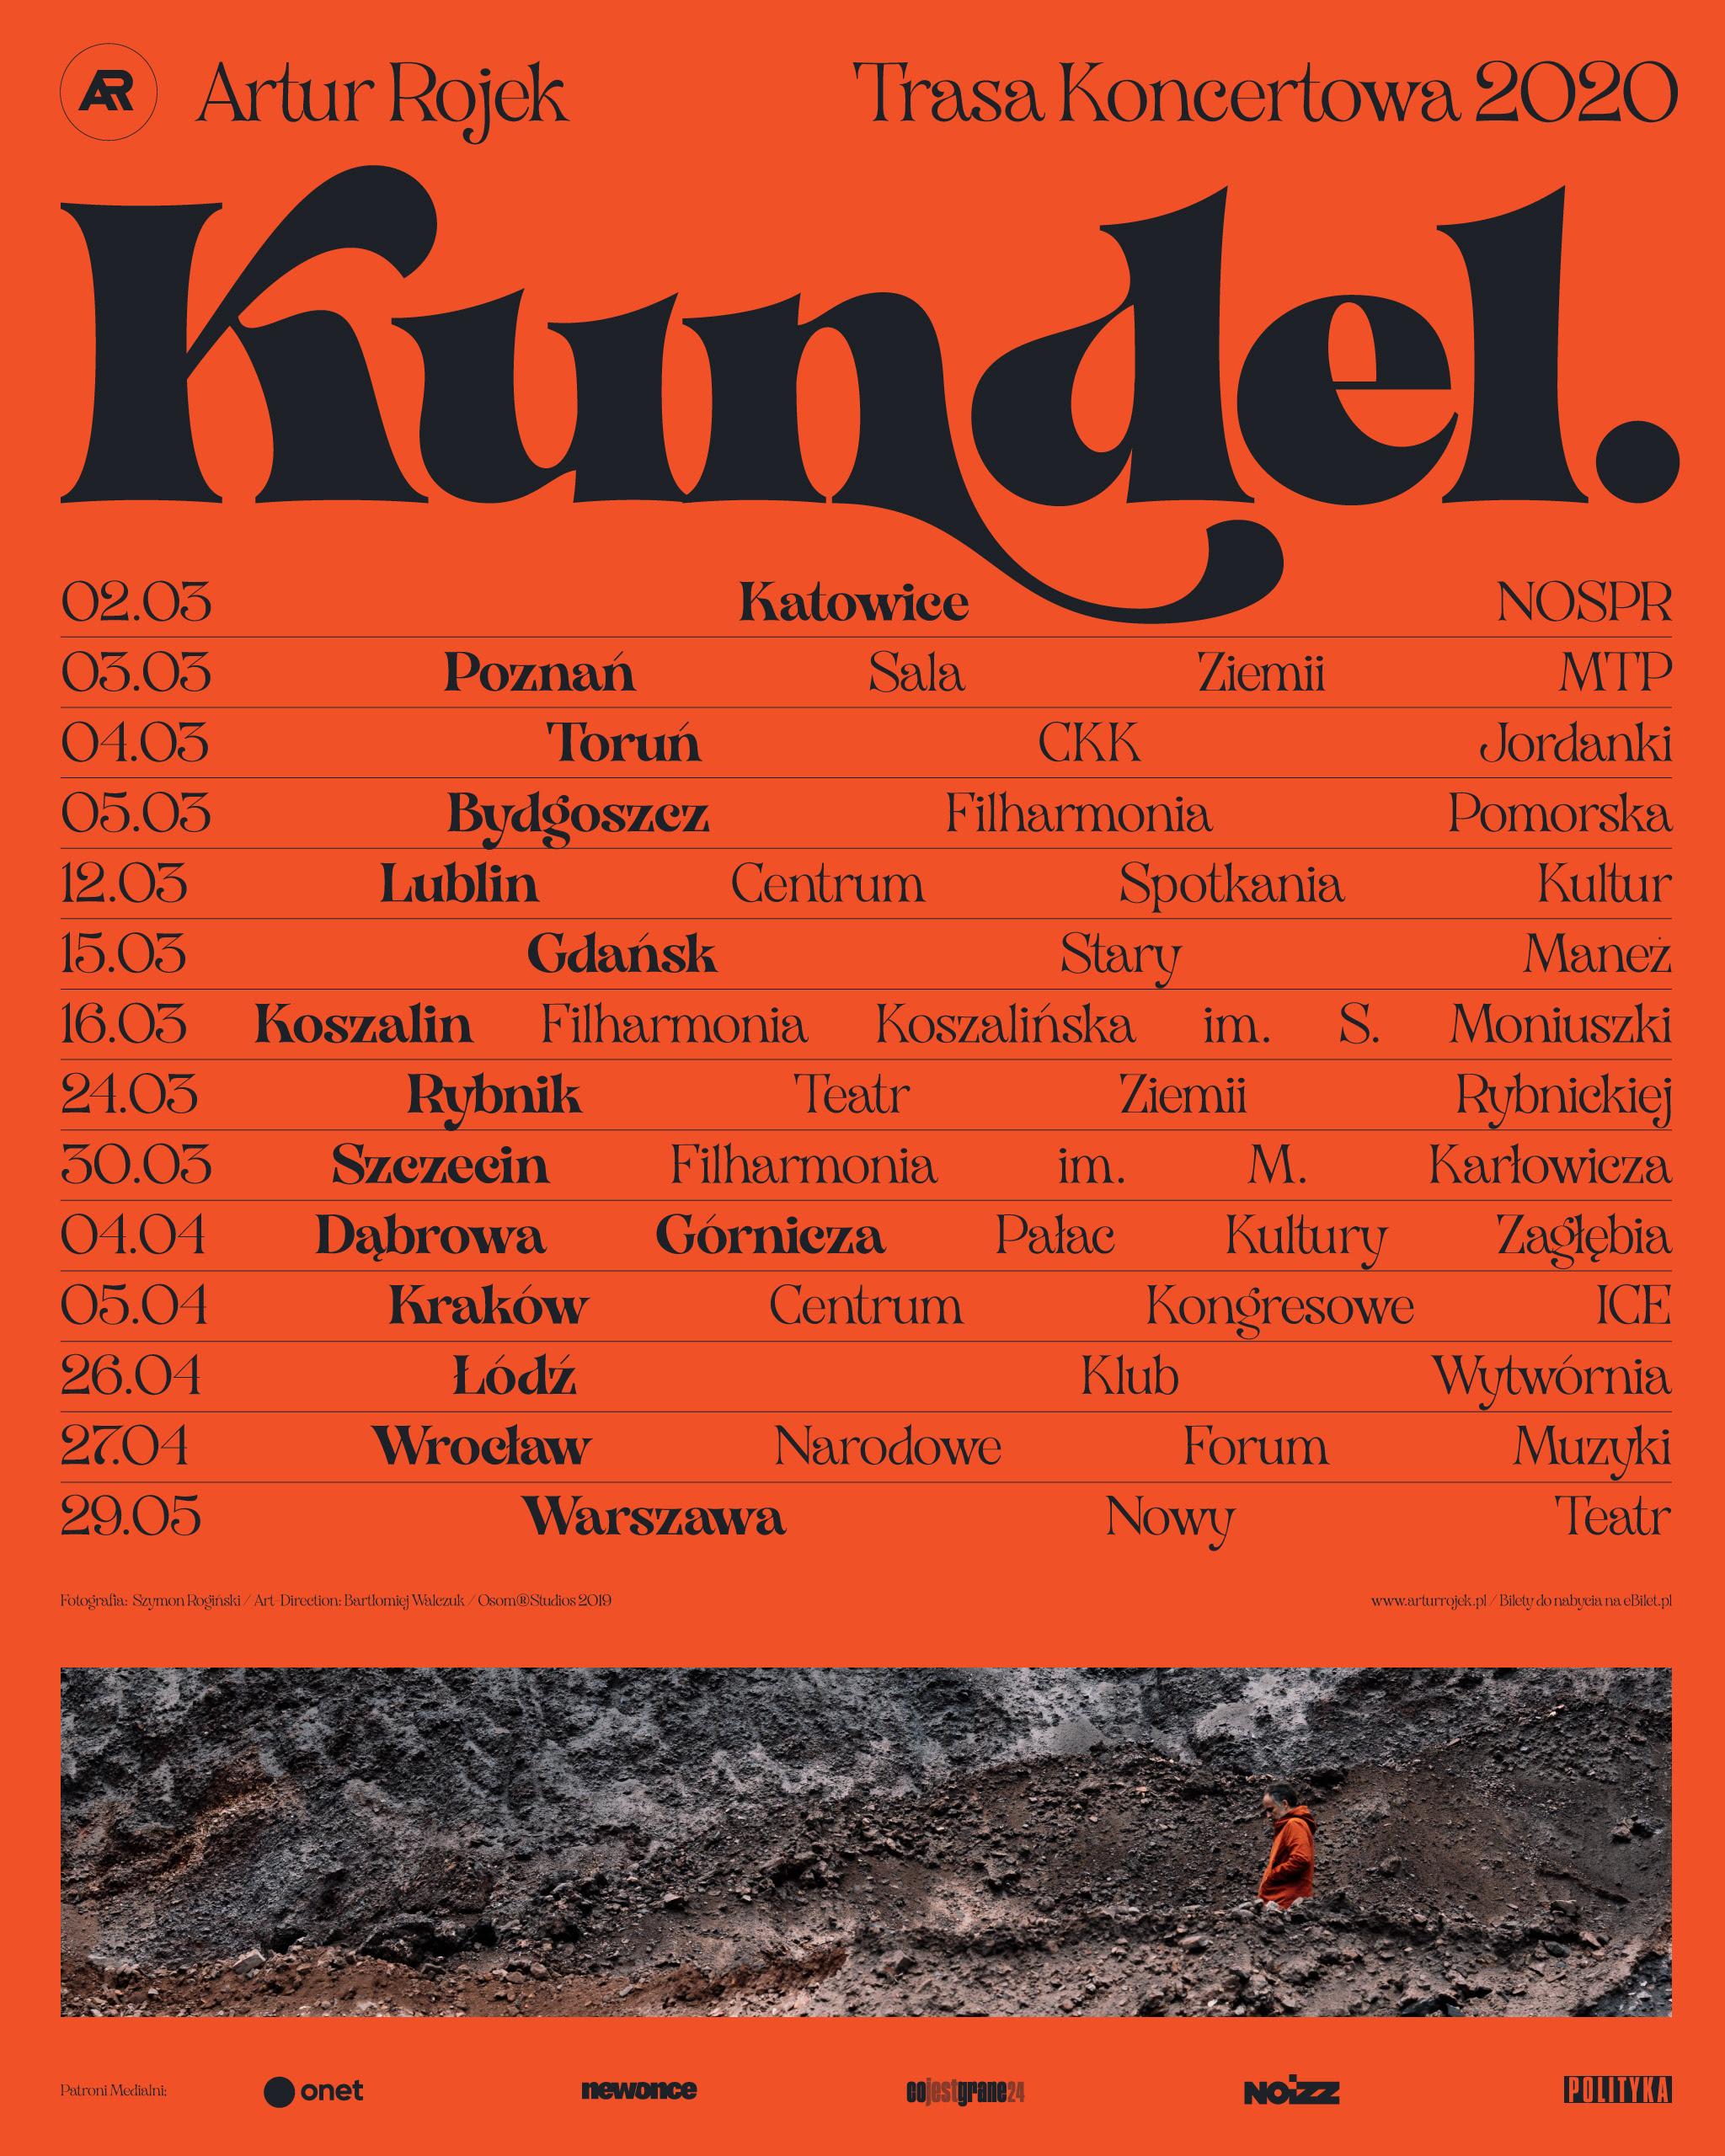 """Plakat trasy """"Kundel"""" Artura Rojka"""